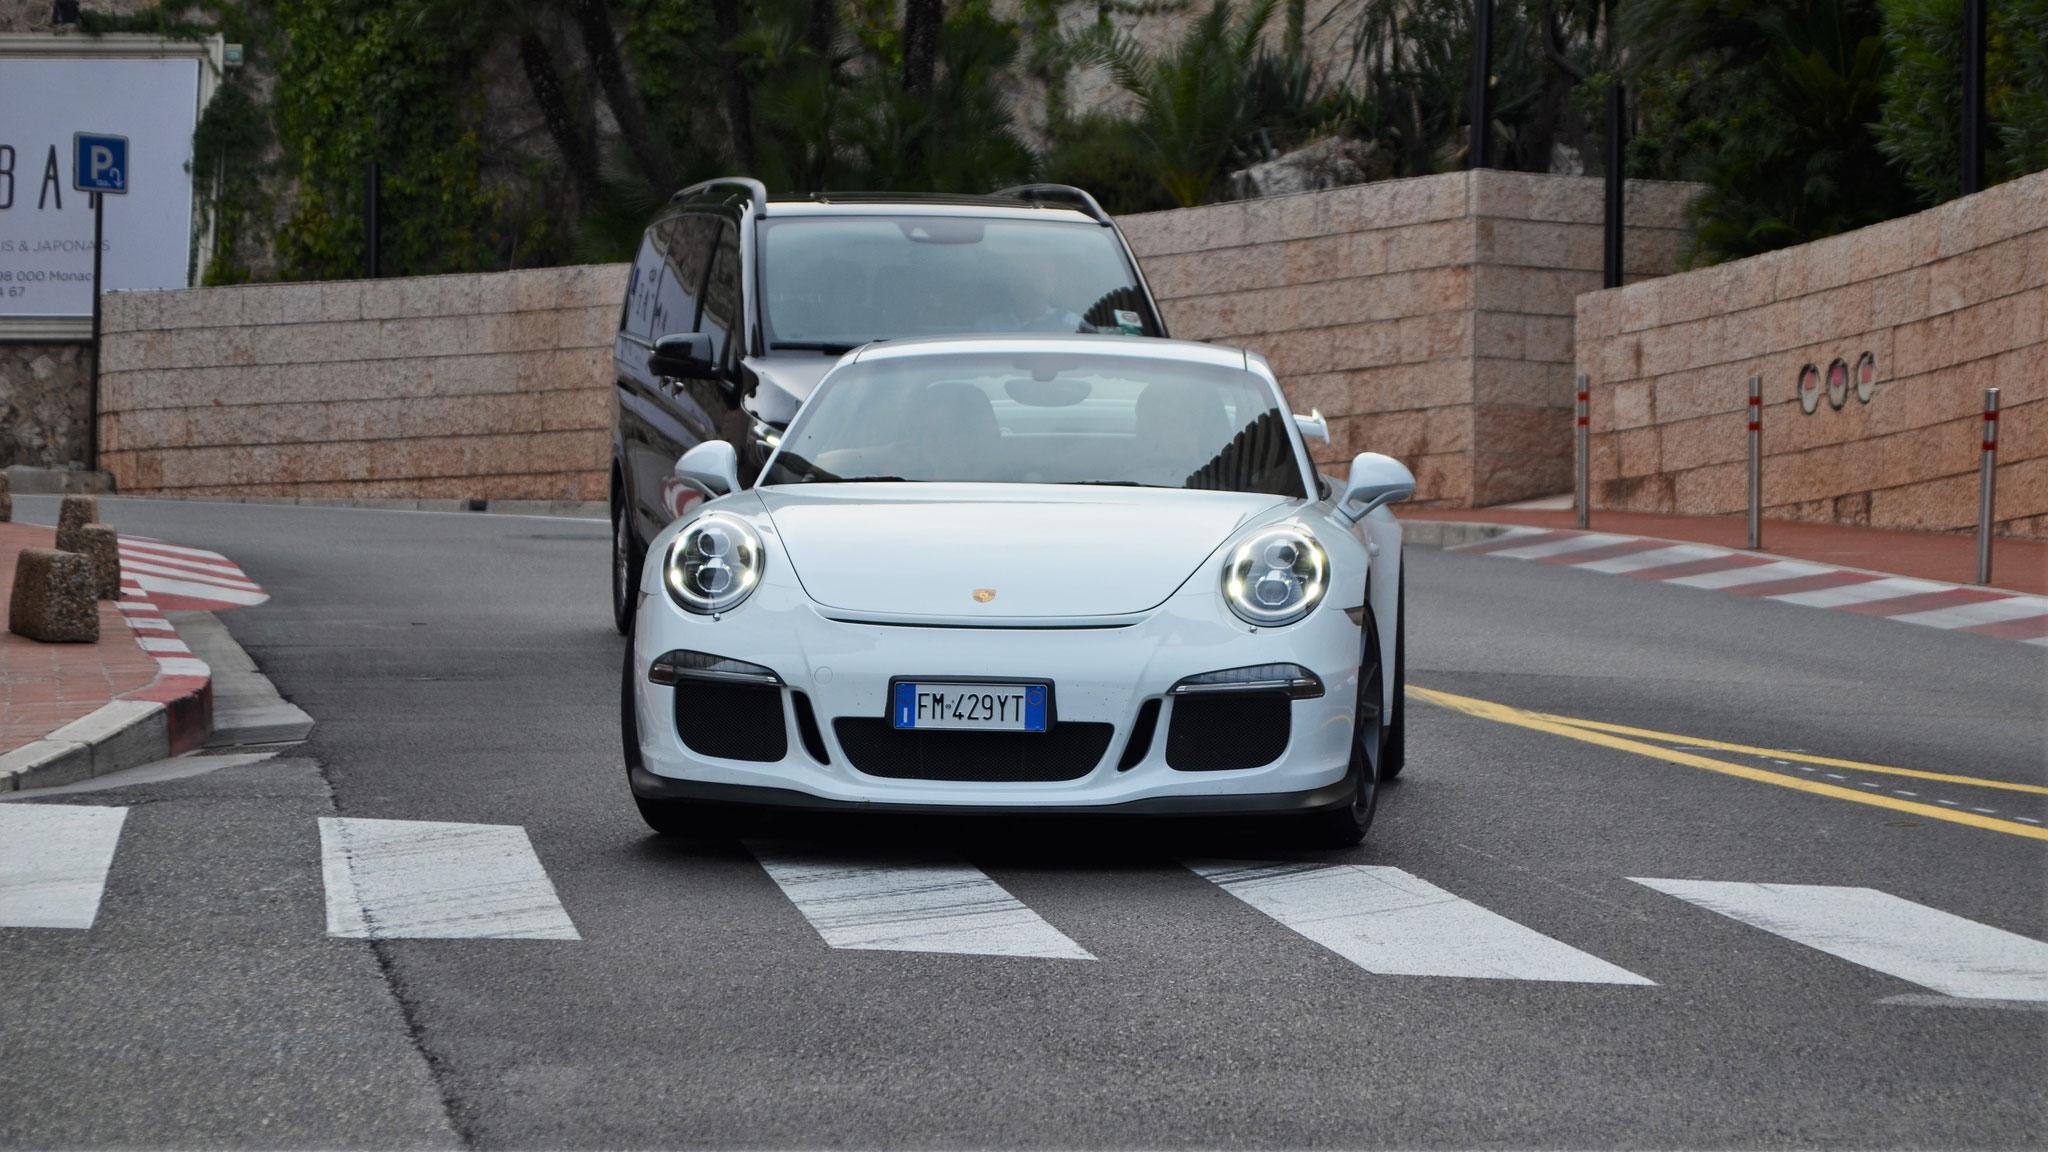 Porsche 991 GT3 - FM-429-YT (ITA)